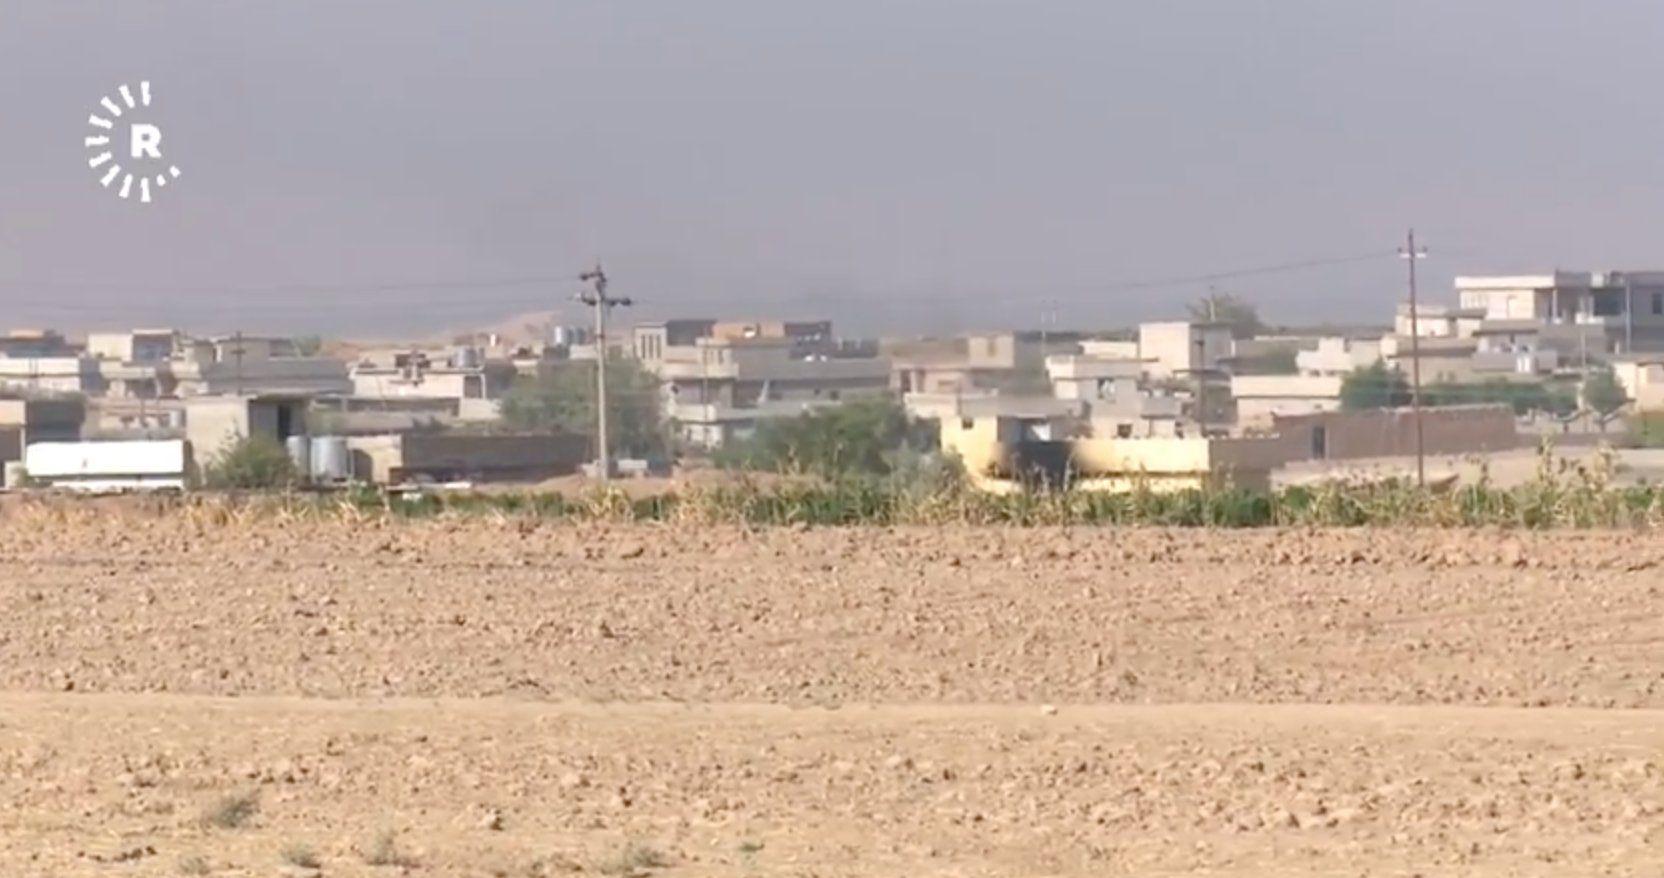 Bataille de Mossoul : l'armée irakienne avance mais n'est toujours pas entrée dans la ville